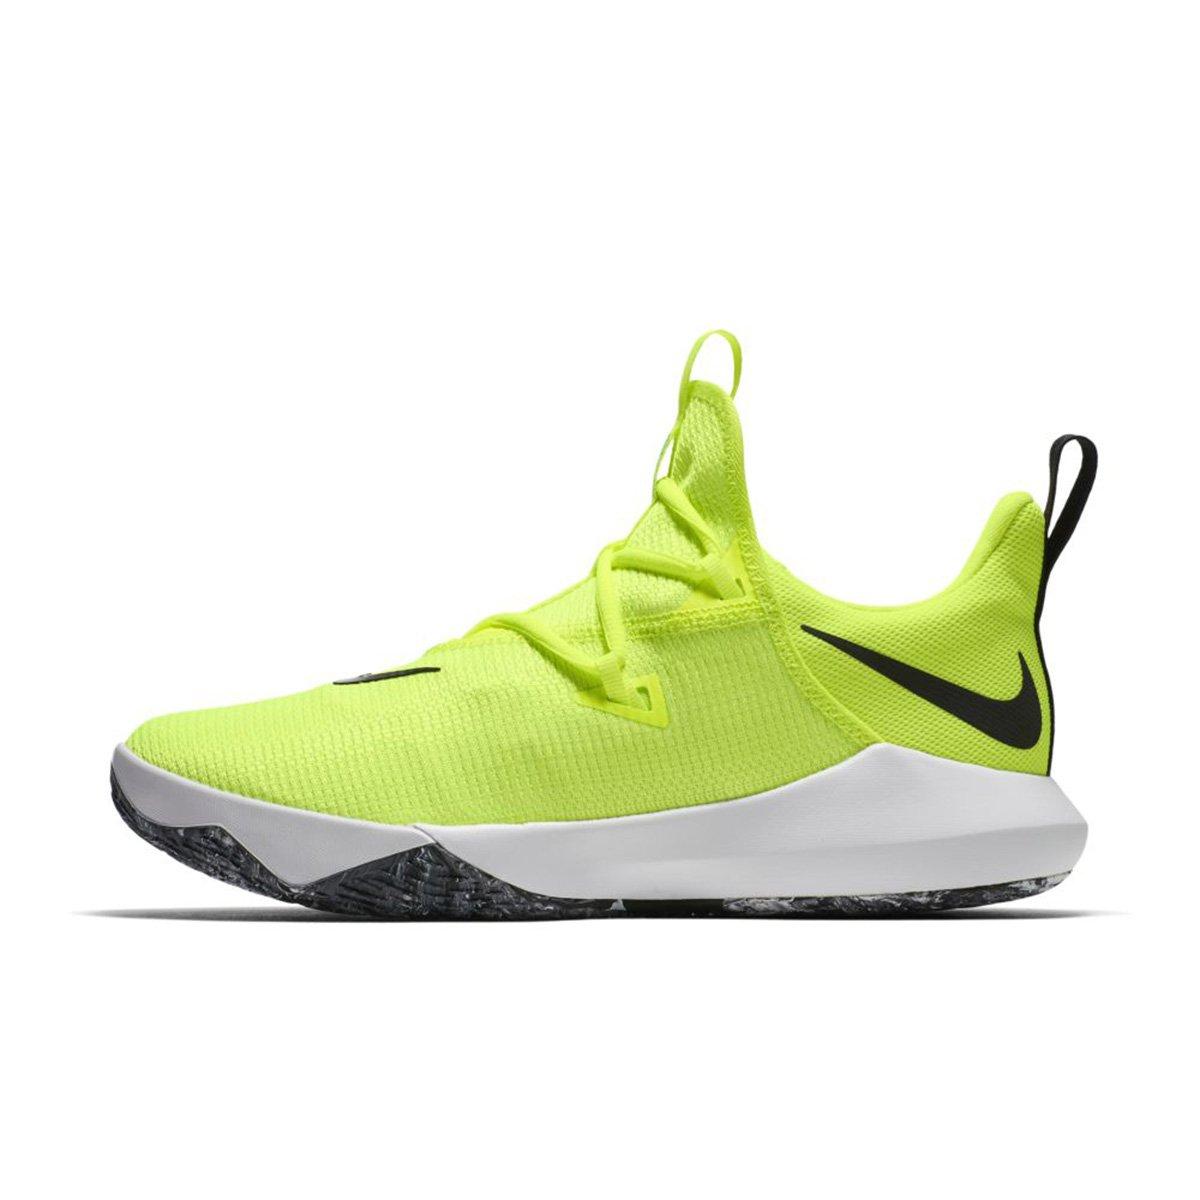 07614f84ece1b Tênis Nike Zoom Shift 2 Masculino - Verde Limão - Compre Agora ...